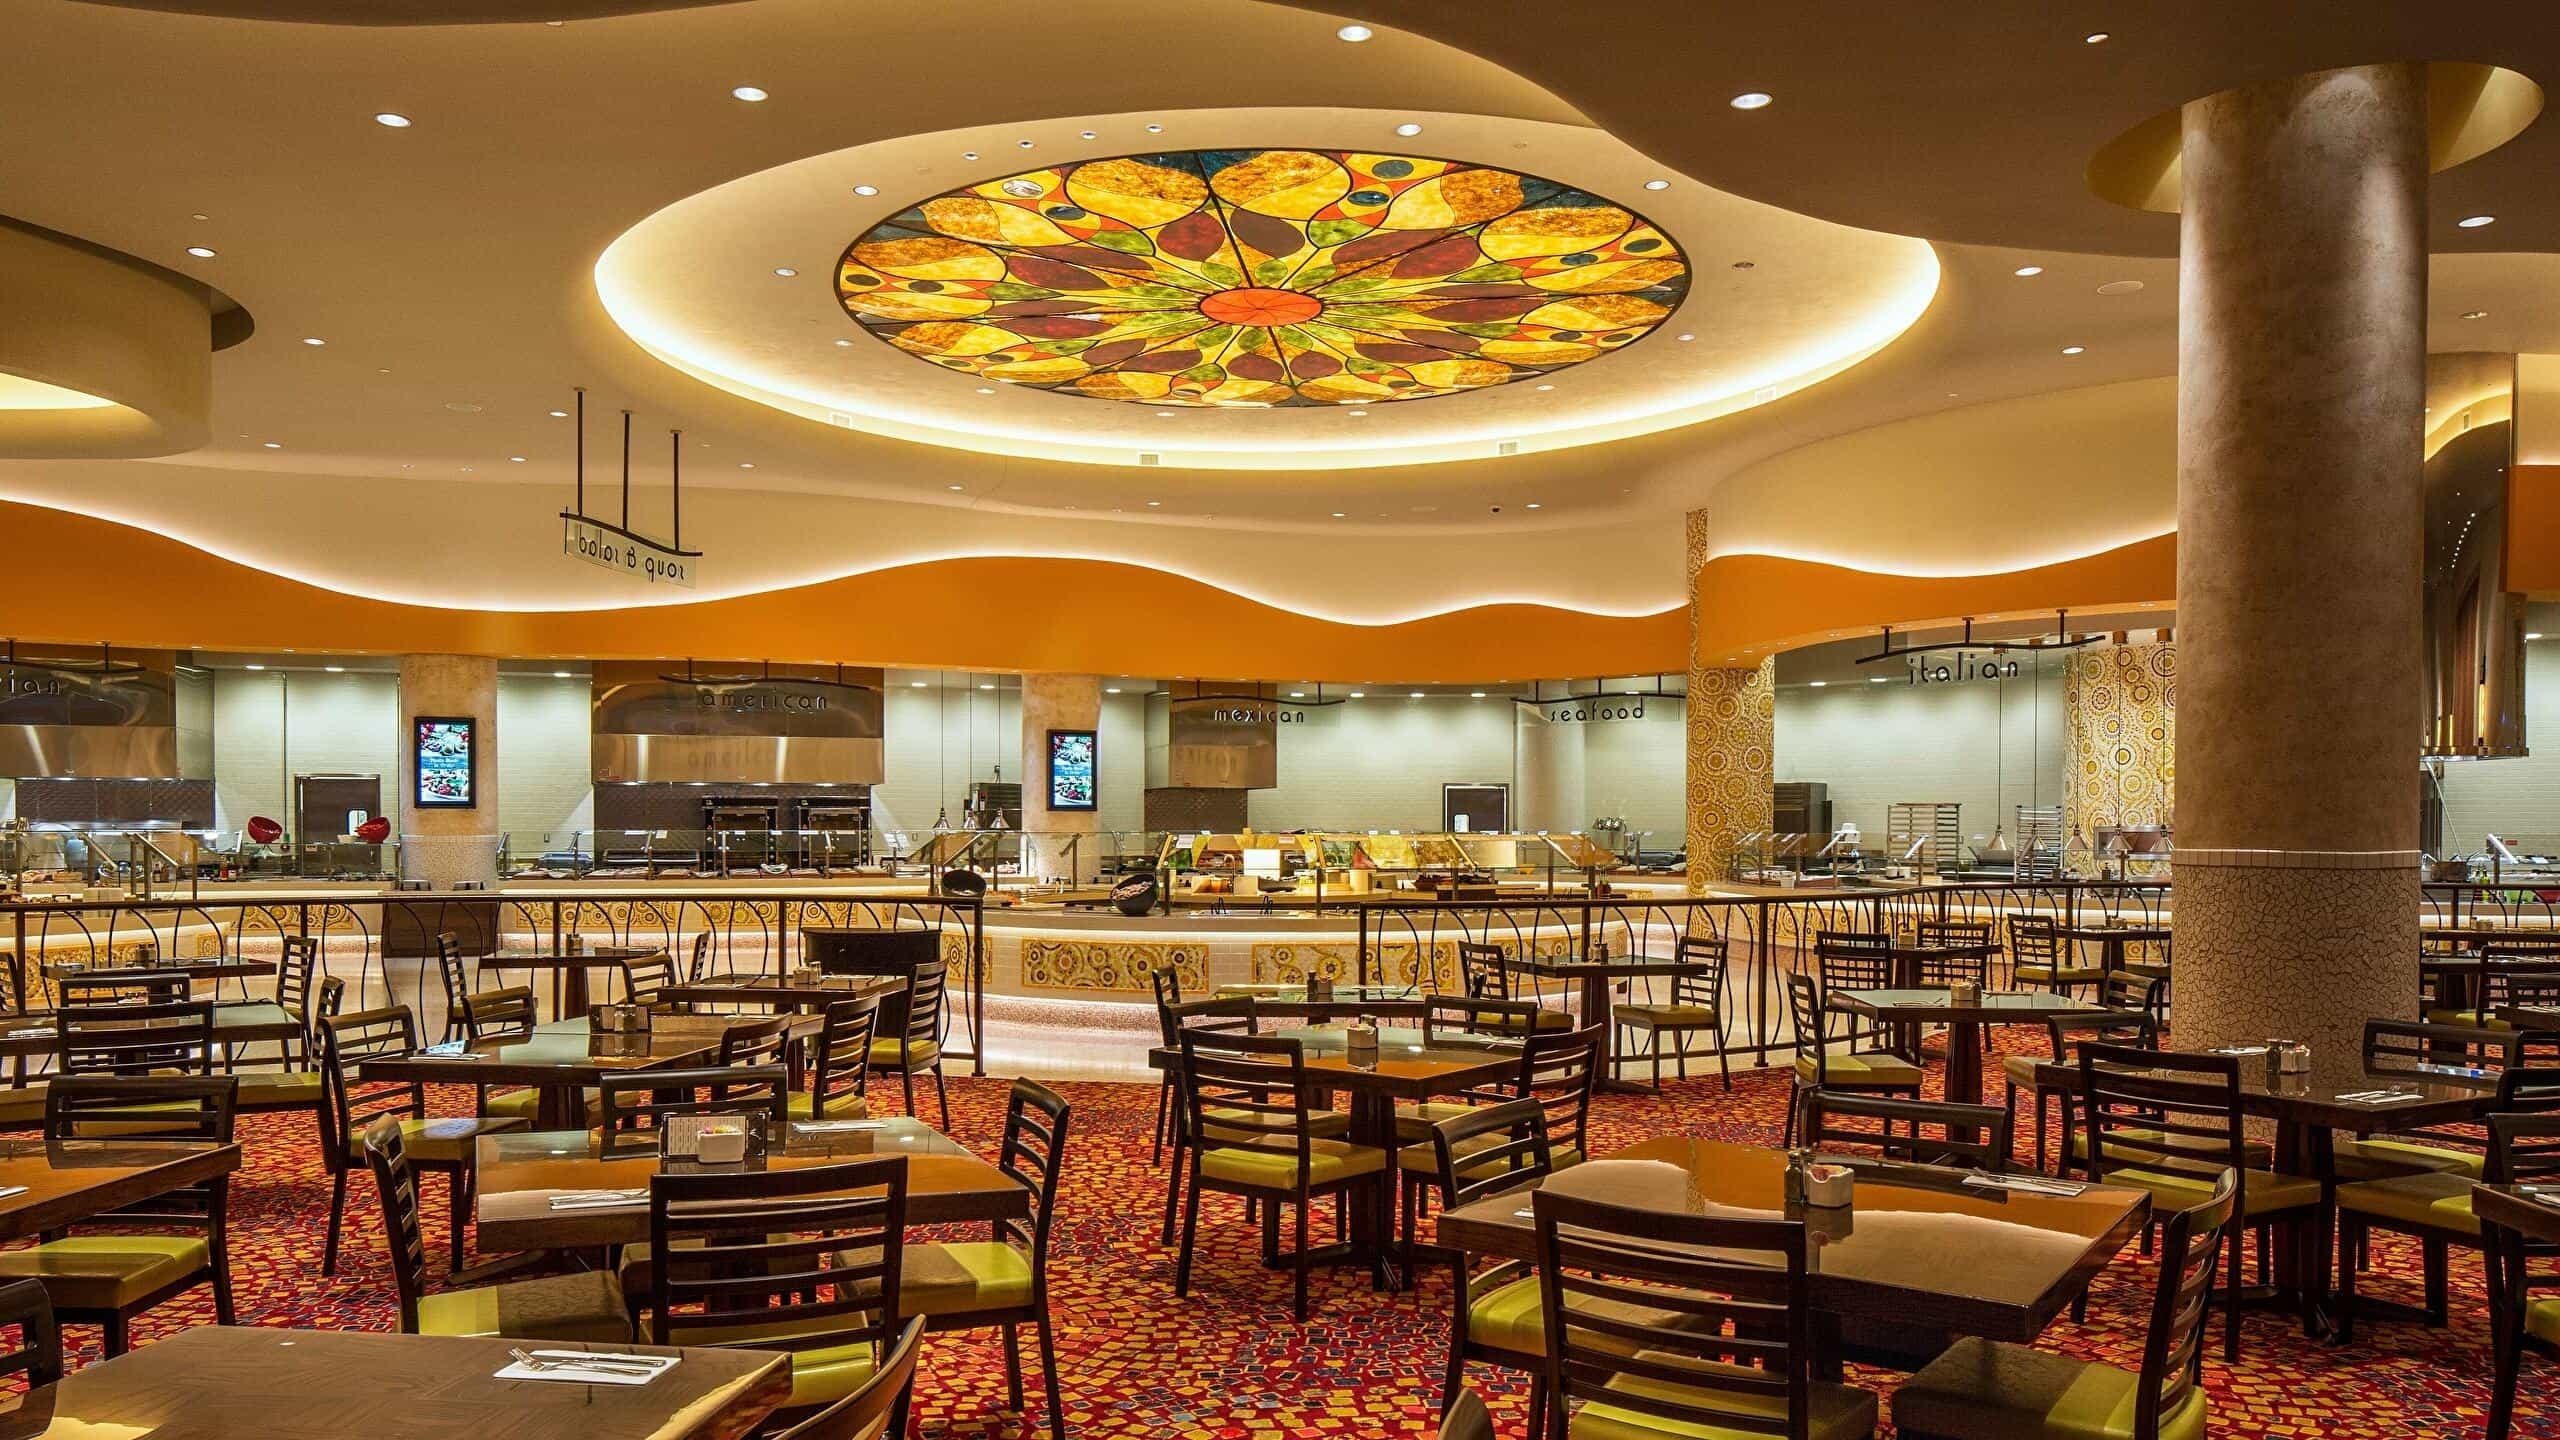 Winstar casino hotels nearby